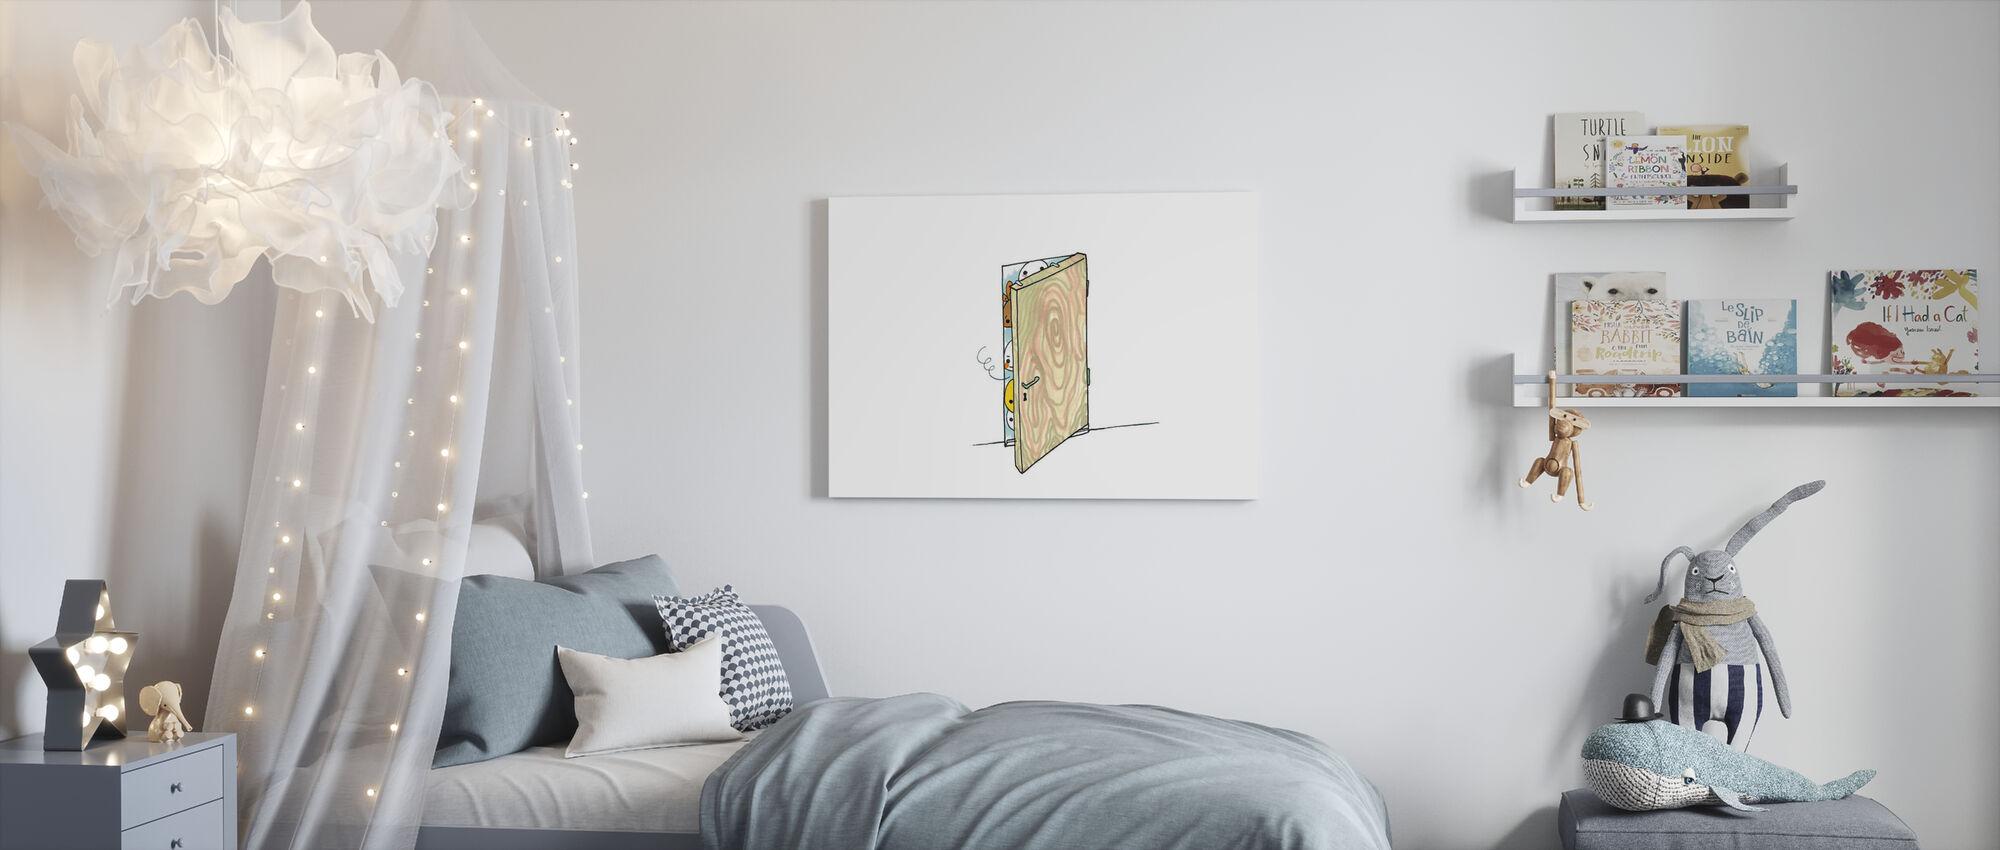 Tittut - Canvas print - Kids Room